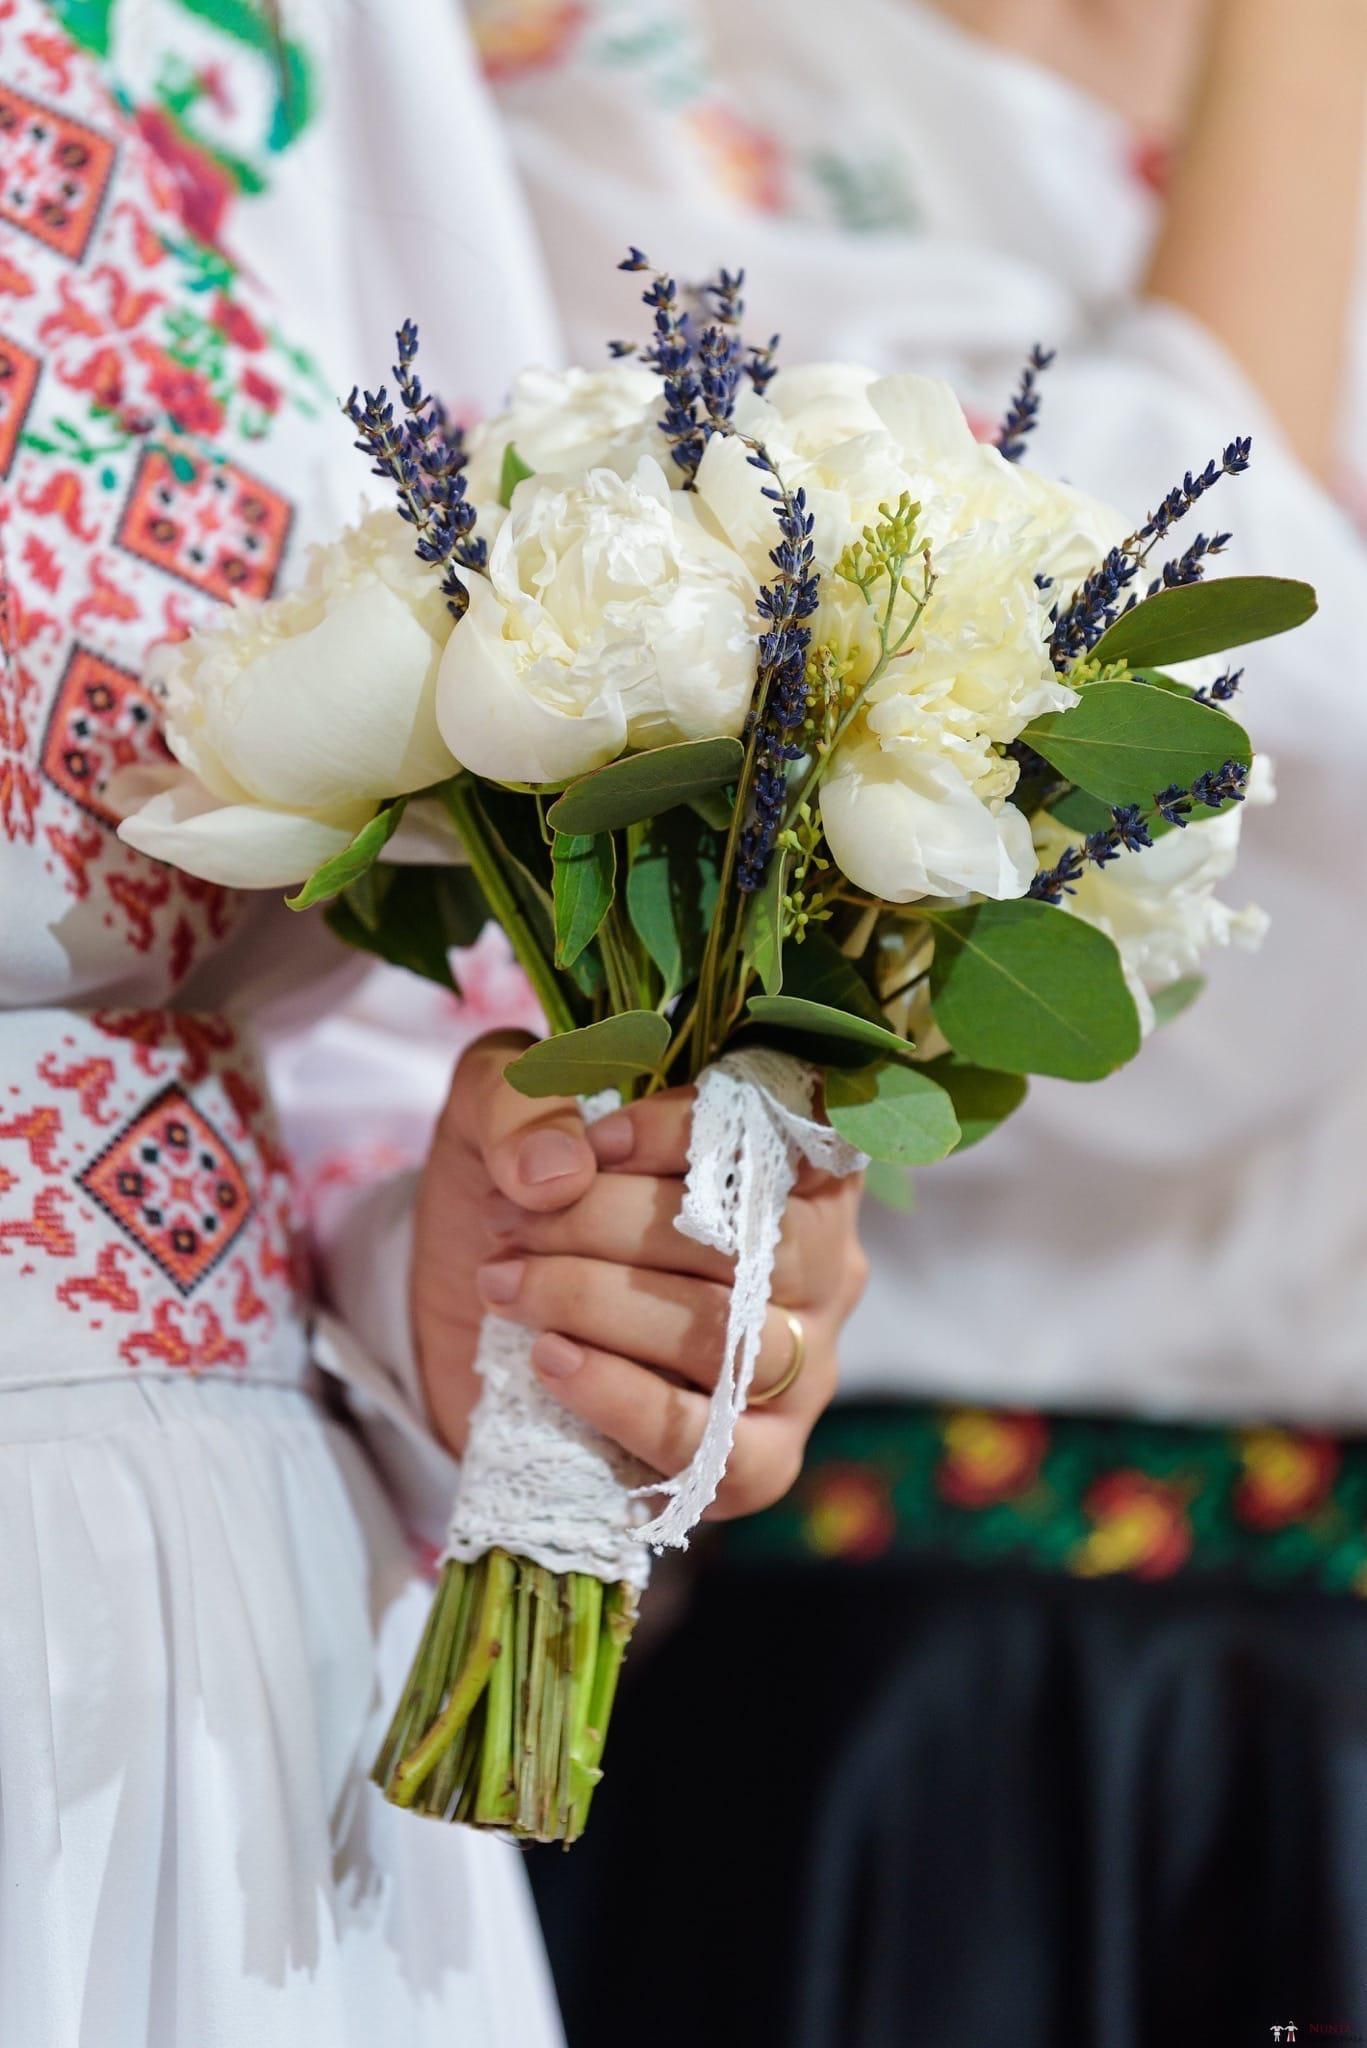 Povești Nunți Tradiționale - Daniela și Cristian, nuntă tradițională în Slobozia, Giurgiu 15